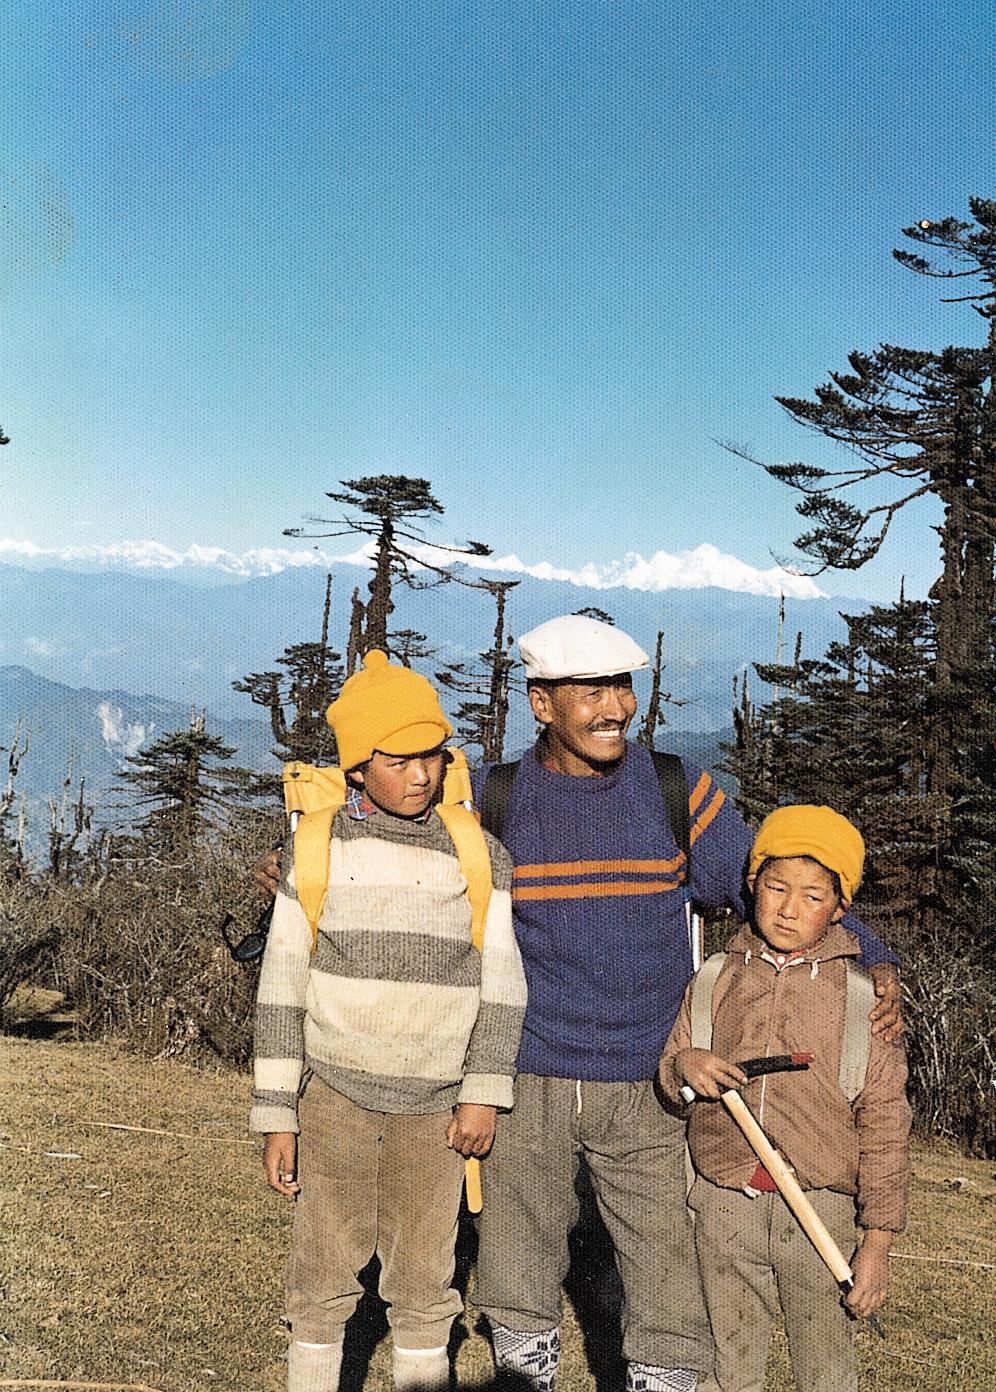 «Εκδρομή με τον πατέρα μου και τον αδελφό μου τον Νορμπού (αριστερά) στην περιοχή Σαντακφού του Νταρτζίλινγκ, το 1974. Από κει πρωτοείδα το Έβερεστ».